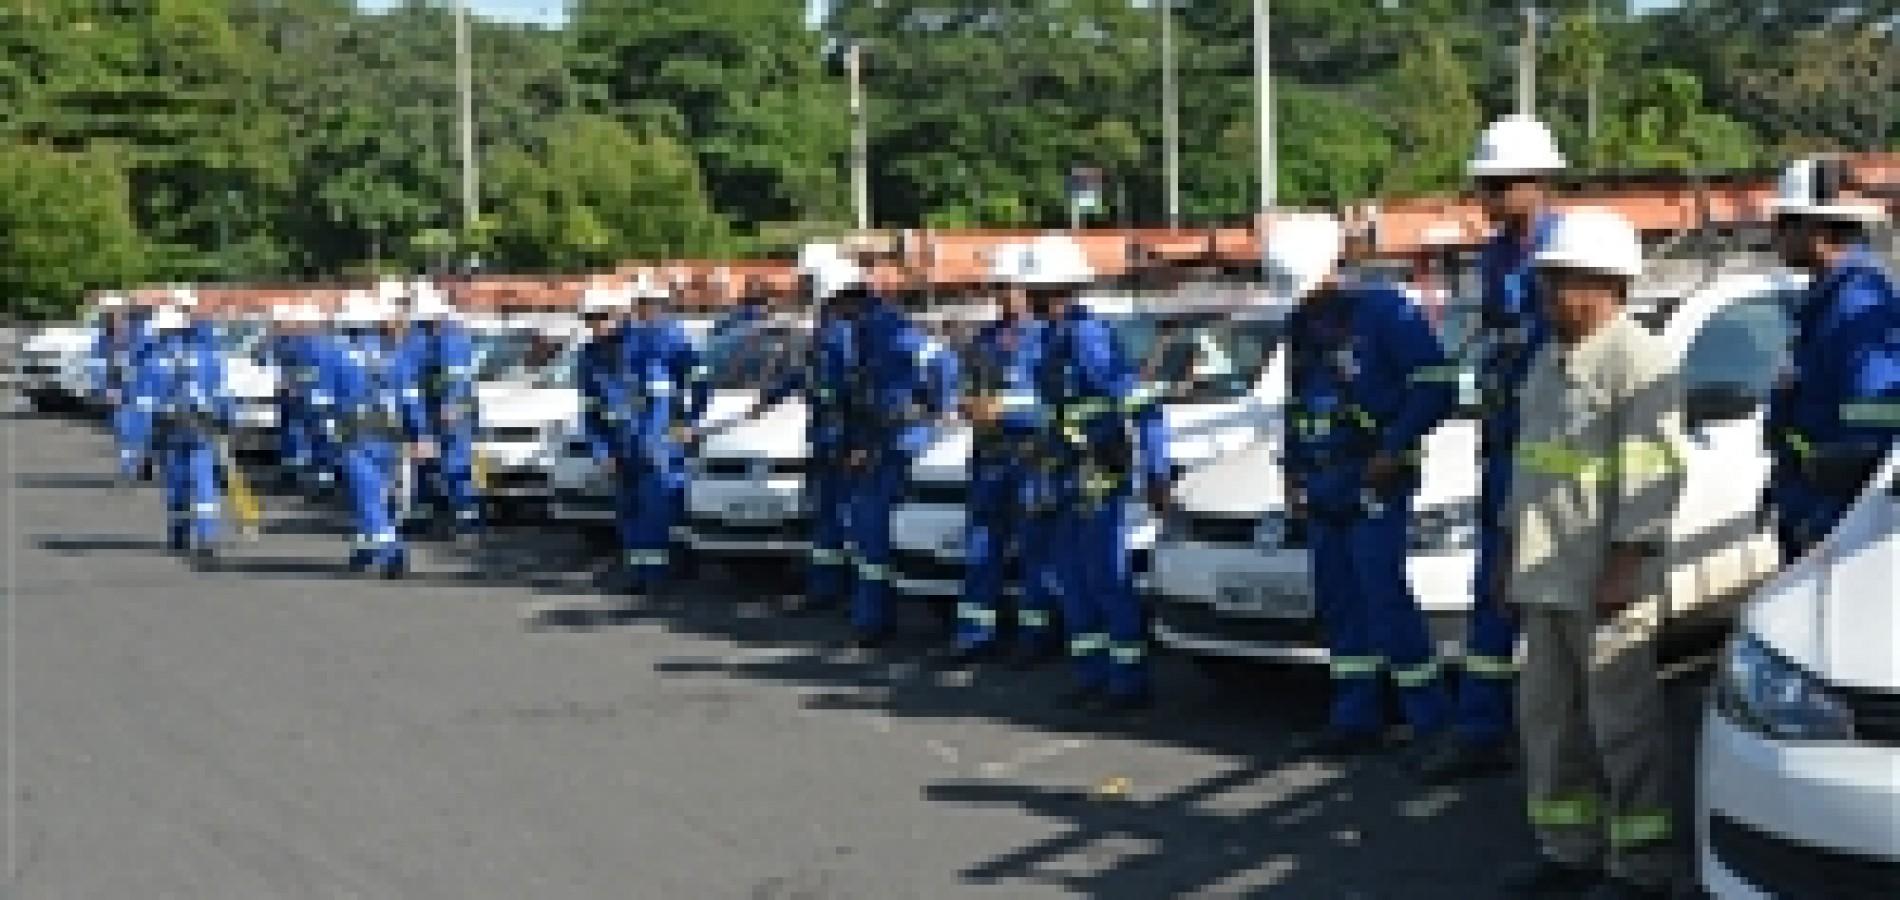 Contra furto de energia, Eletrobras vai fiscalizar 300 mil imóveis no Piauí